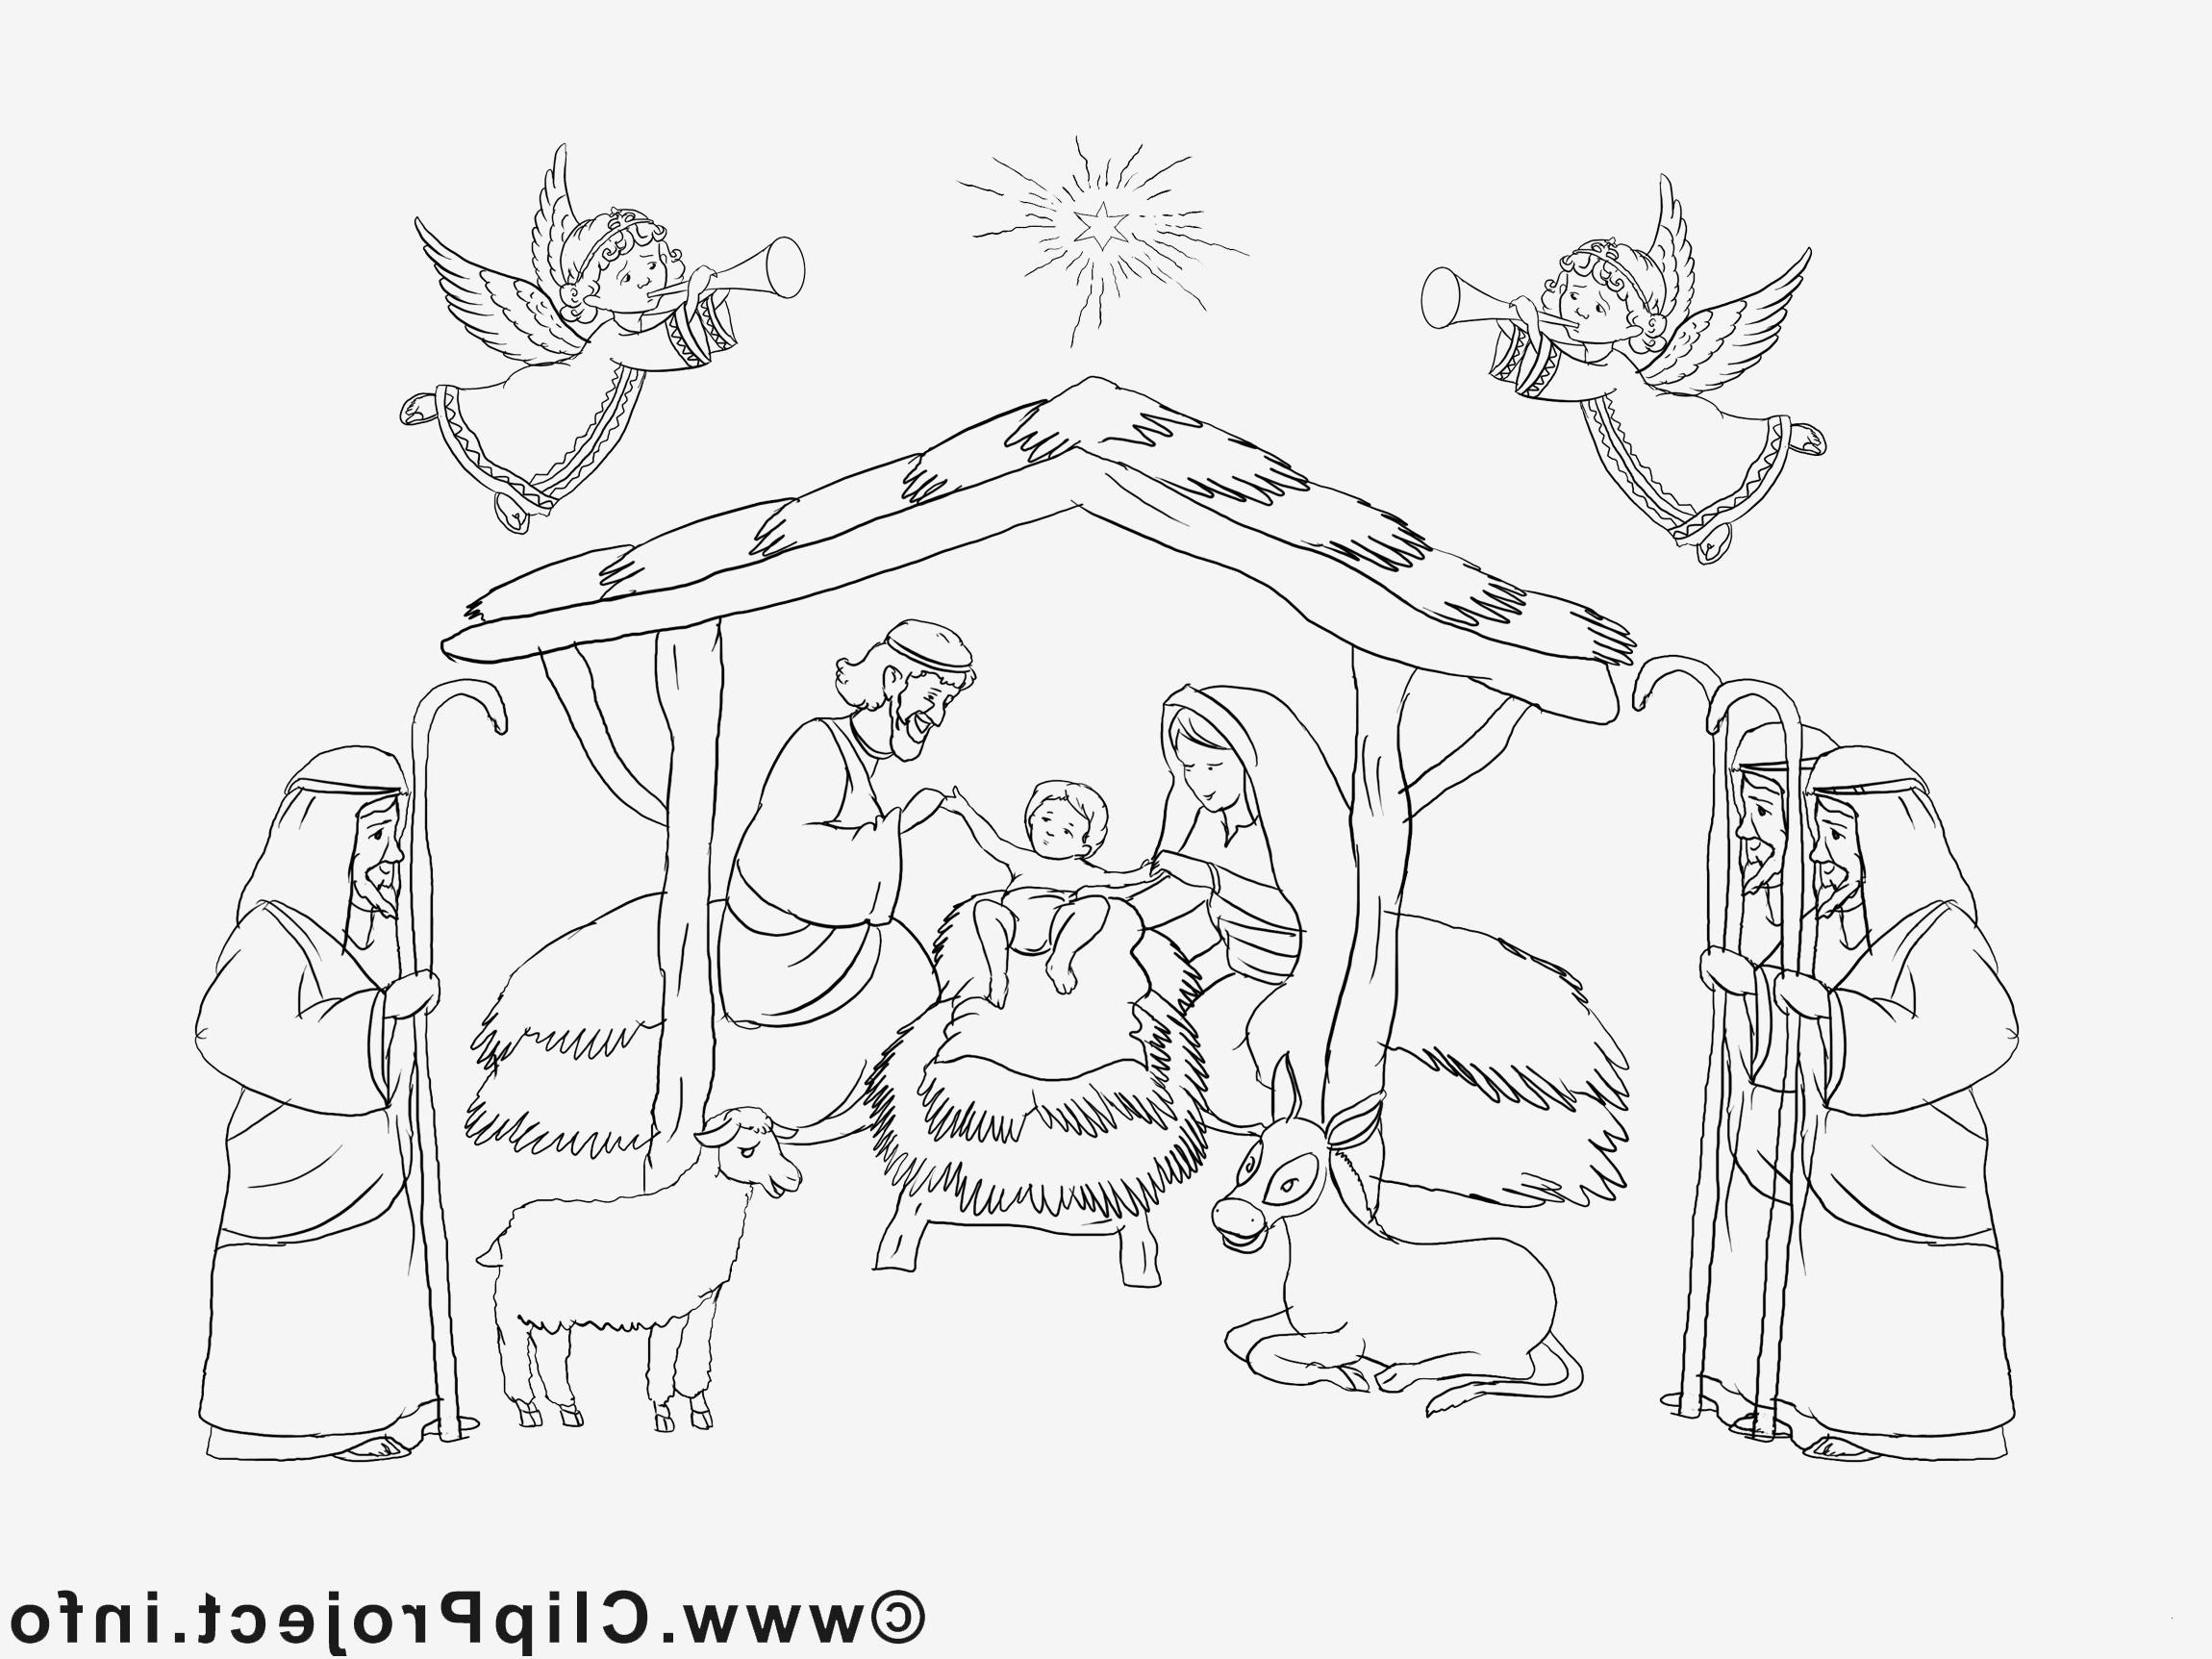 Stern Weihnachten Malvorlage Frisch 31 Frisch Stern Malvorlage – Malvorlagen Ideen Sammlung